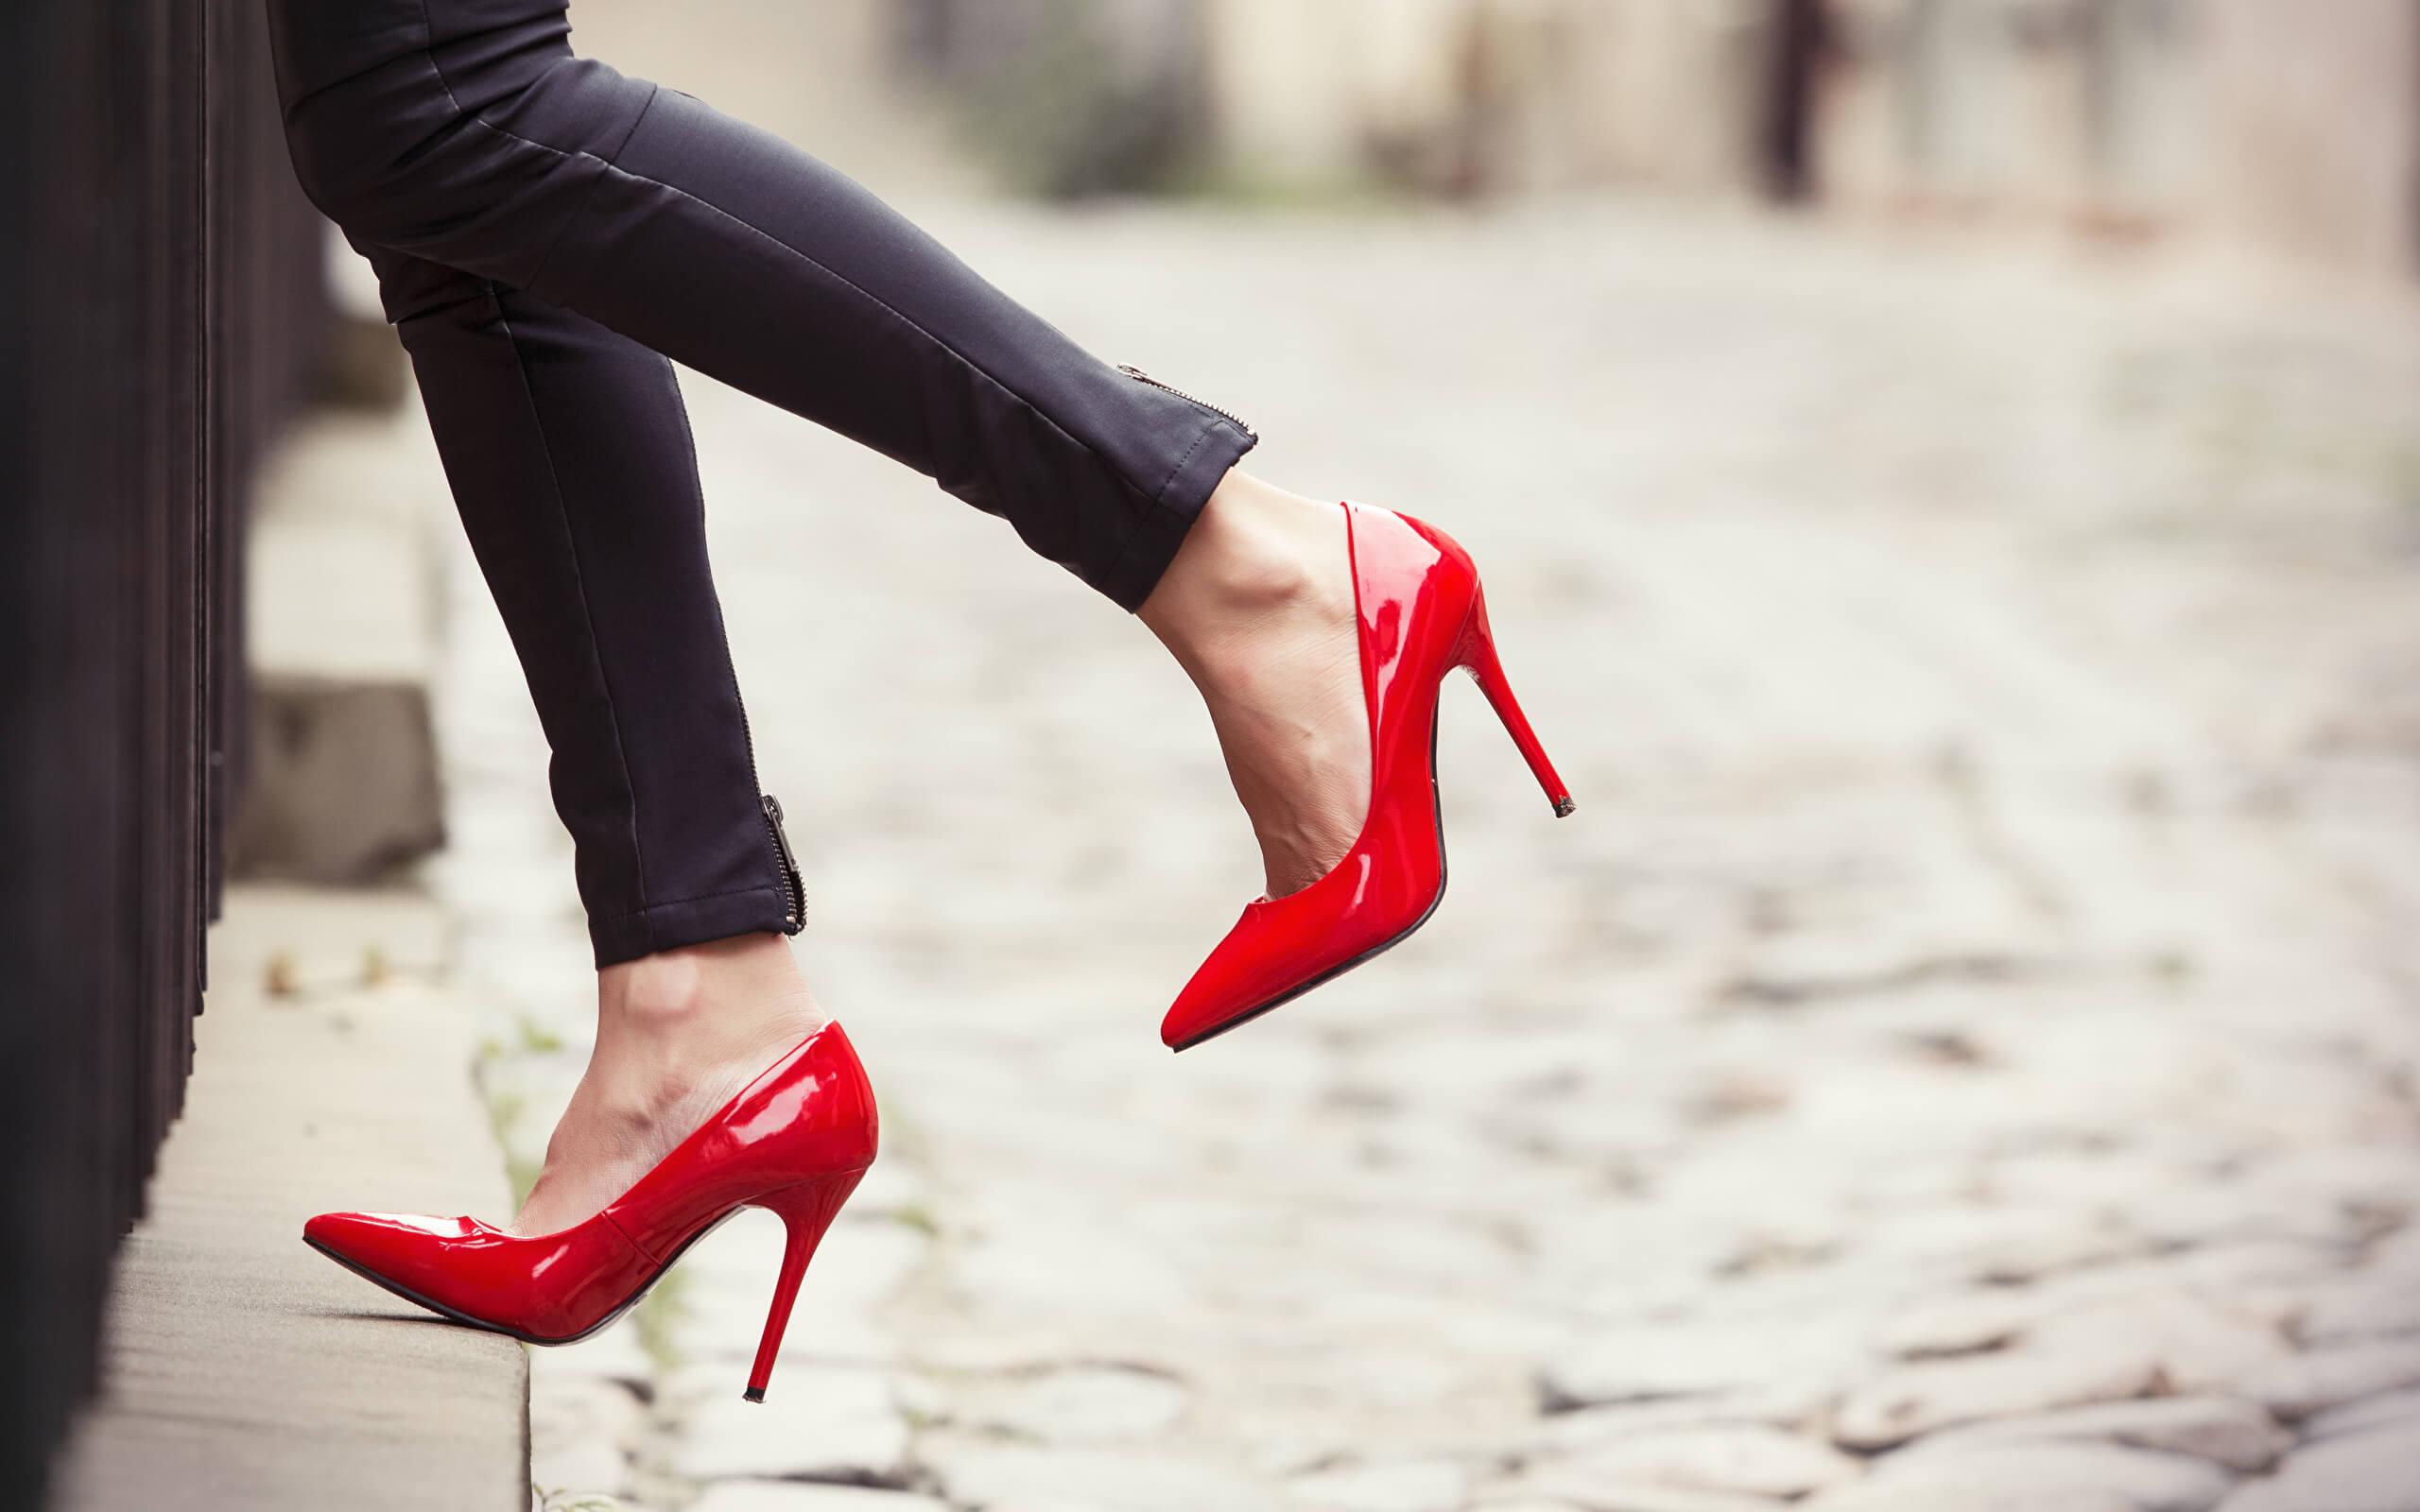 левой картинки ноги на высоком каблуке зависим продолжительности